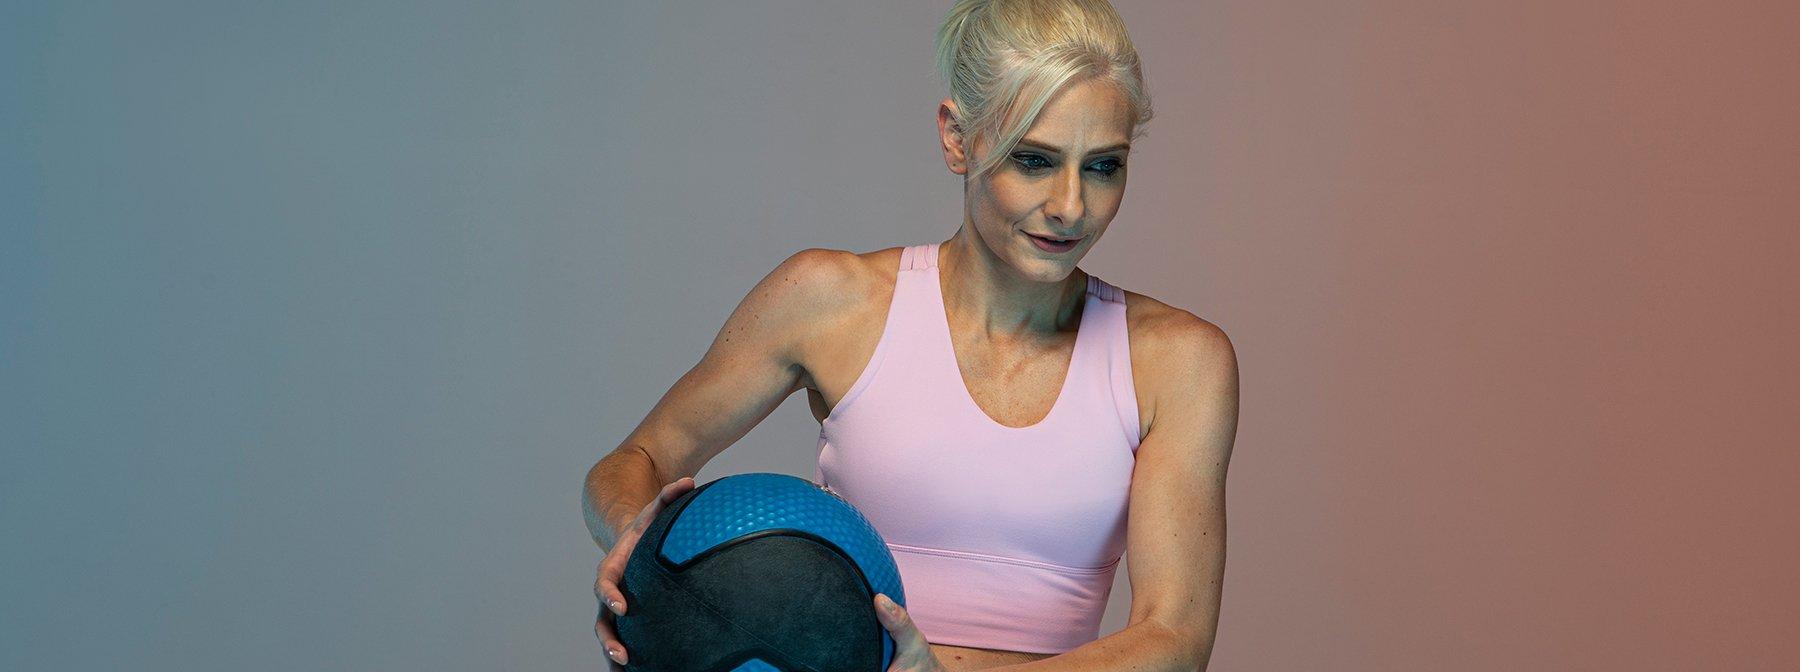 利用健身 找回自我 — Naomi | 不同的故事 都因為鍛鍊而存在